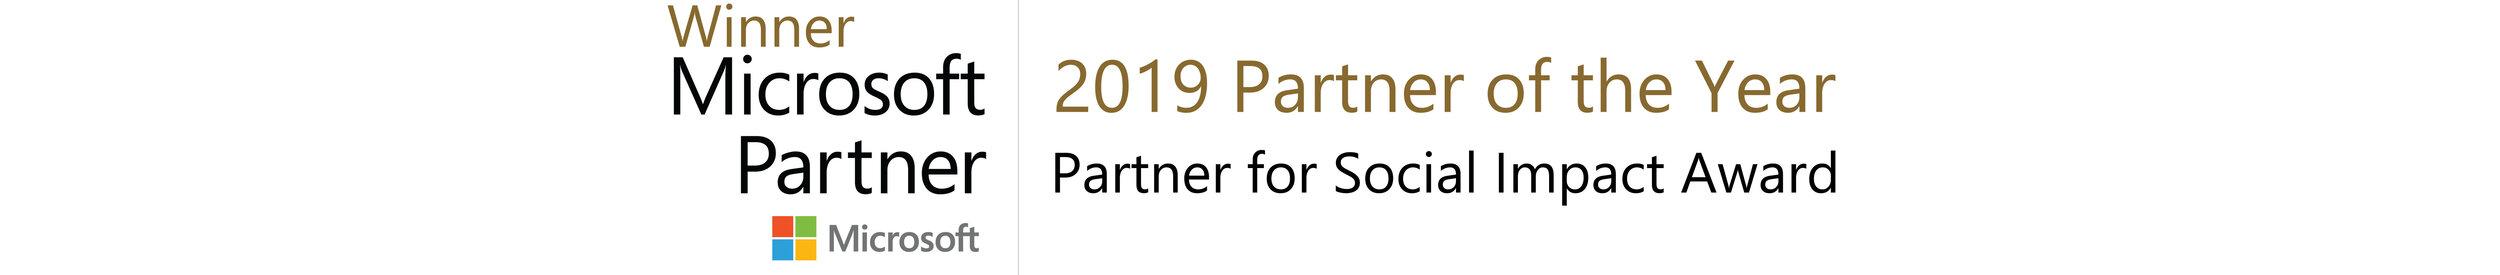 Micrsooft award partner of the year avantcare website logo banner.jpg